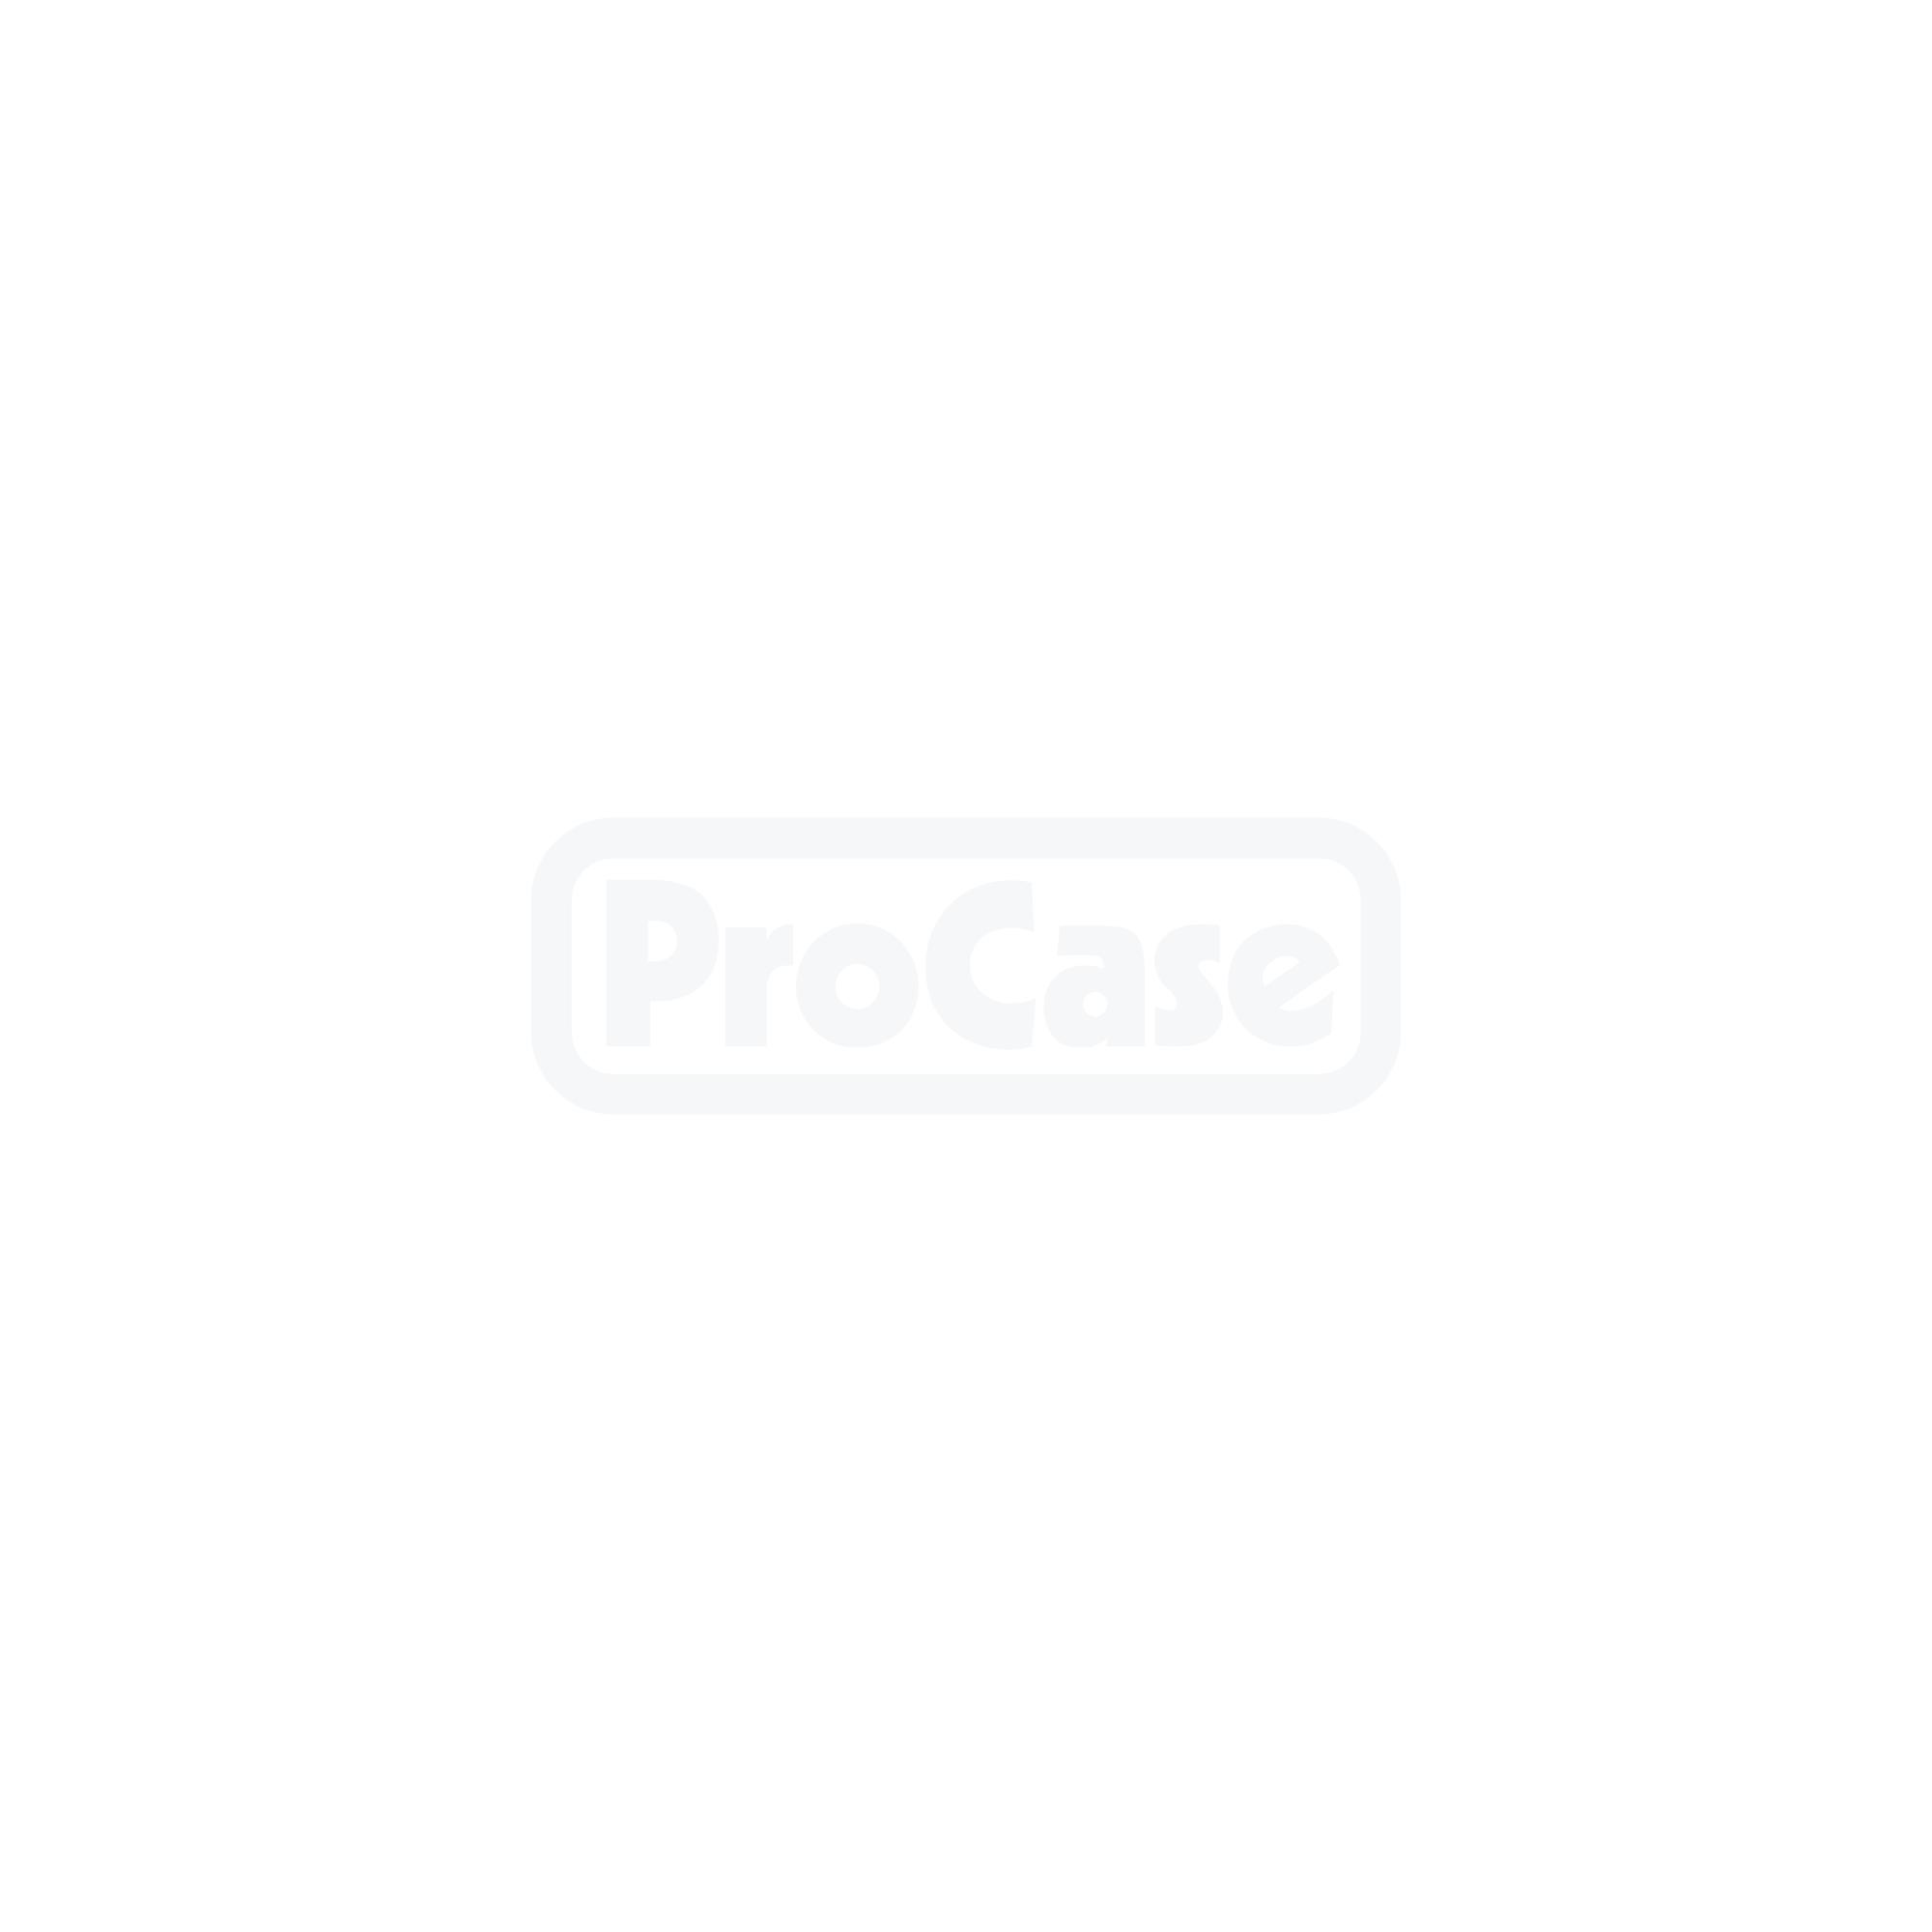 B-Ware Flightcase für Panasonic PT-DZ21K ohne Objektivüberstand 2